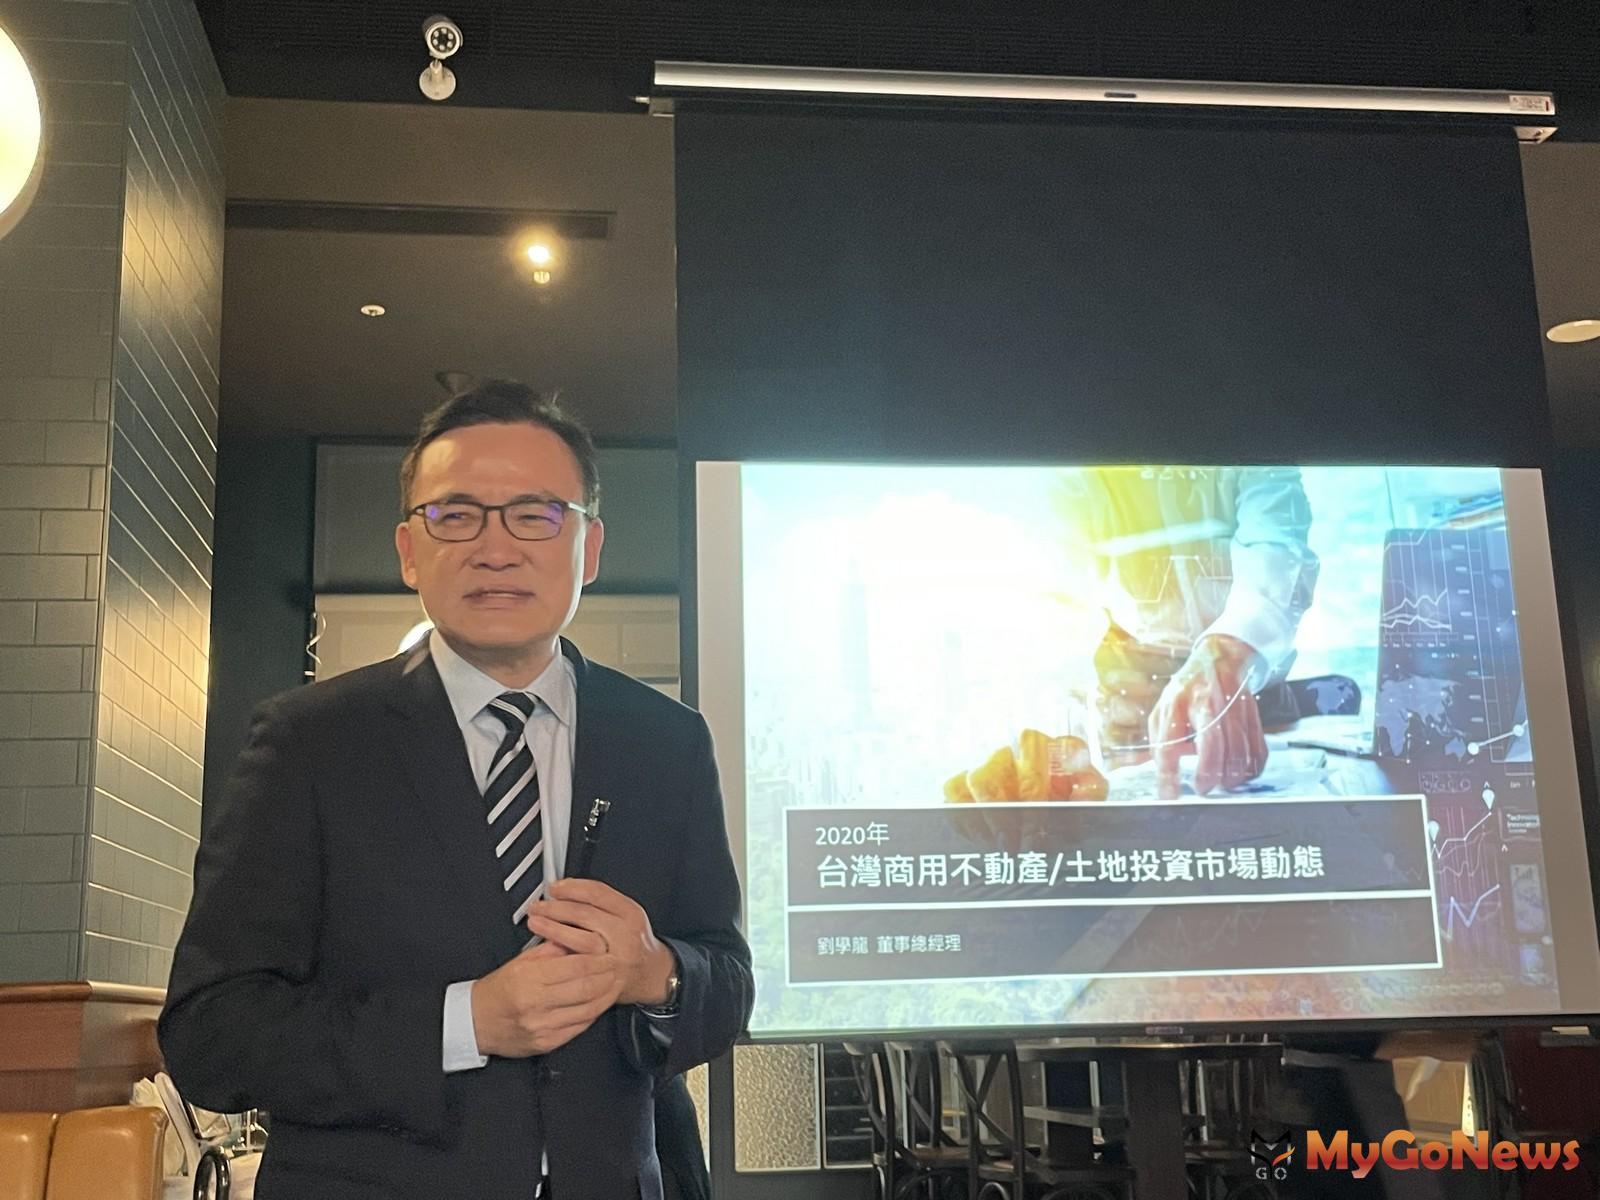 高力國際董事總經理劉學龍:COVID-19推升倉儲物流需求,成為投資者熱門競逐標的 MyGoNews房地產新聞 專題報導